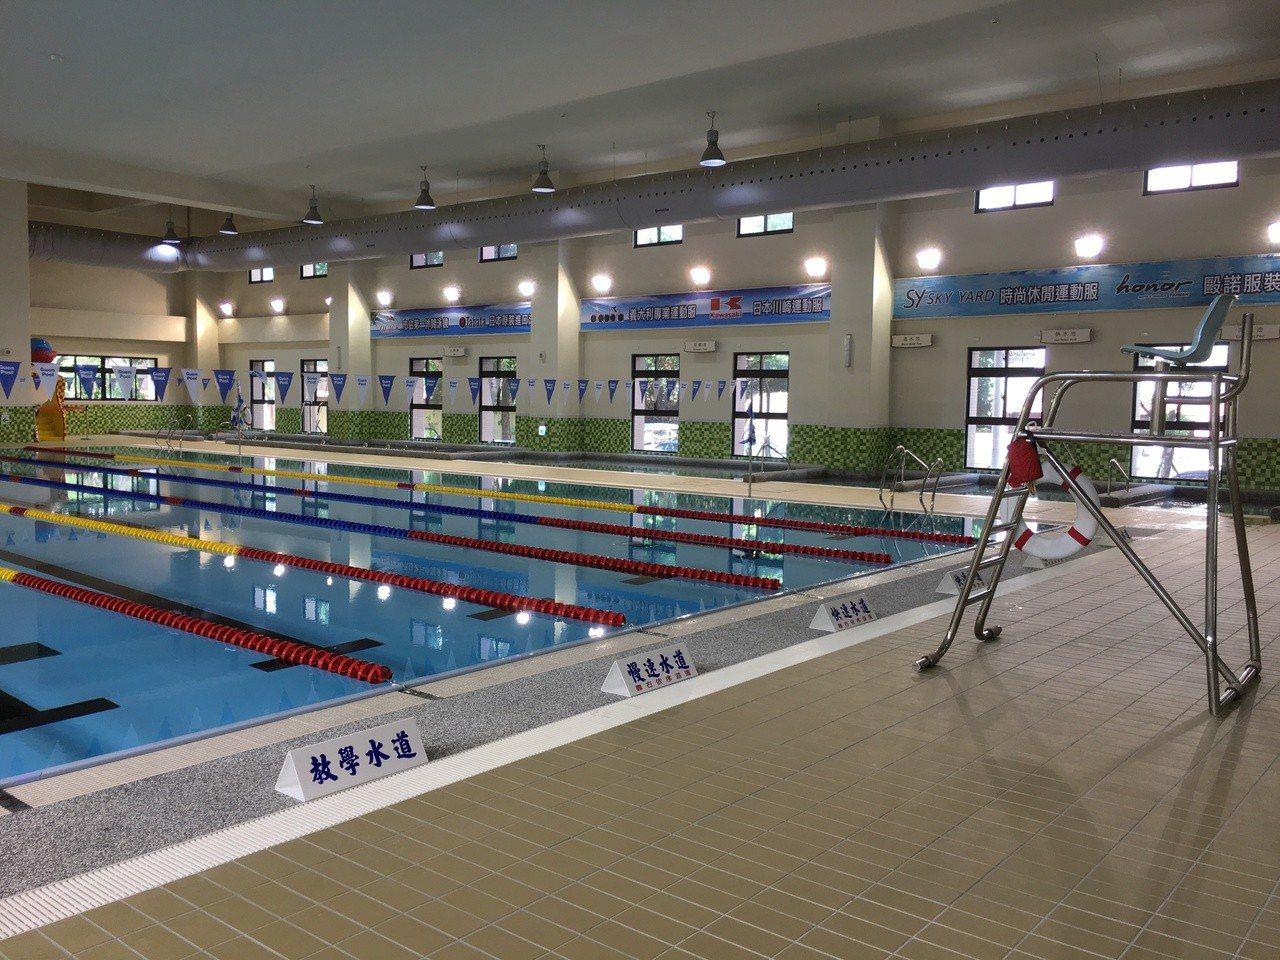 雲林縣首座國民運動中心斥資3億元打造,今天完工啟用,開始為期7天免費體驗試營運,...